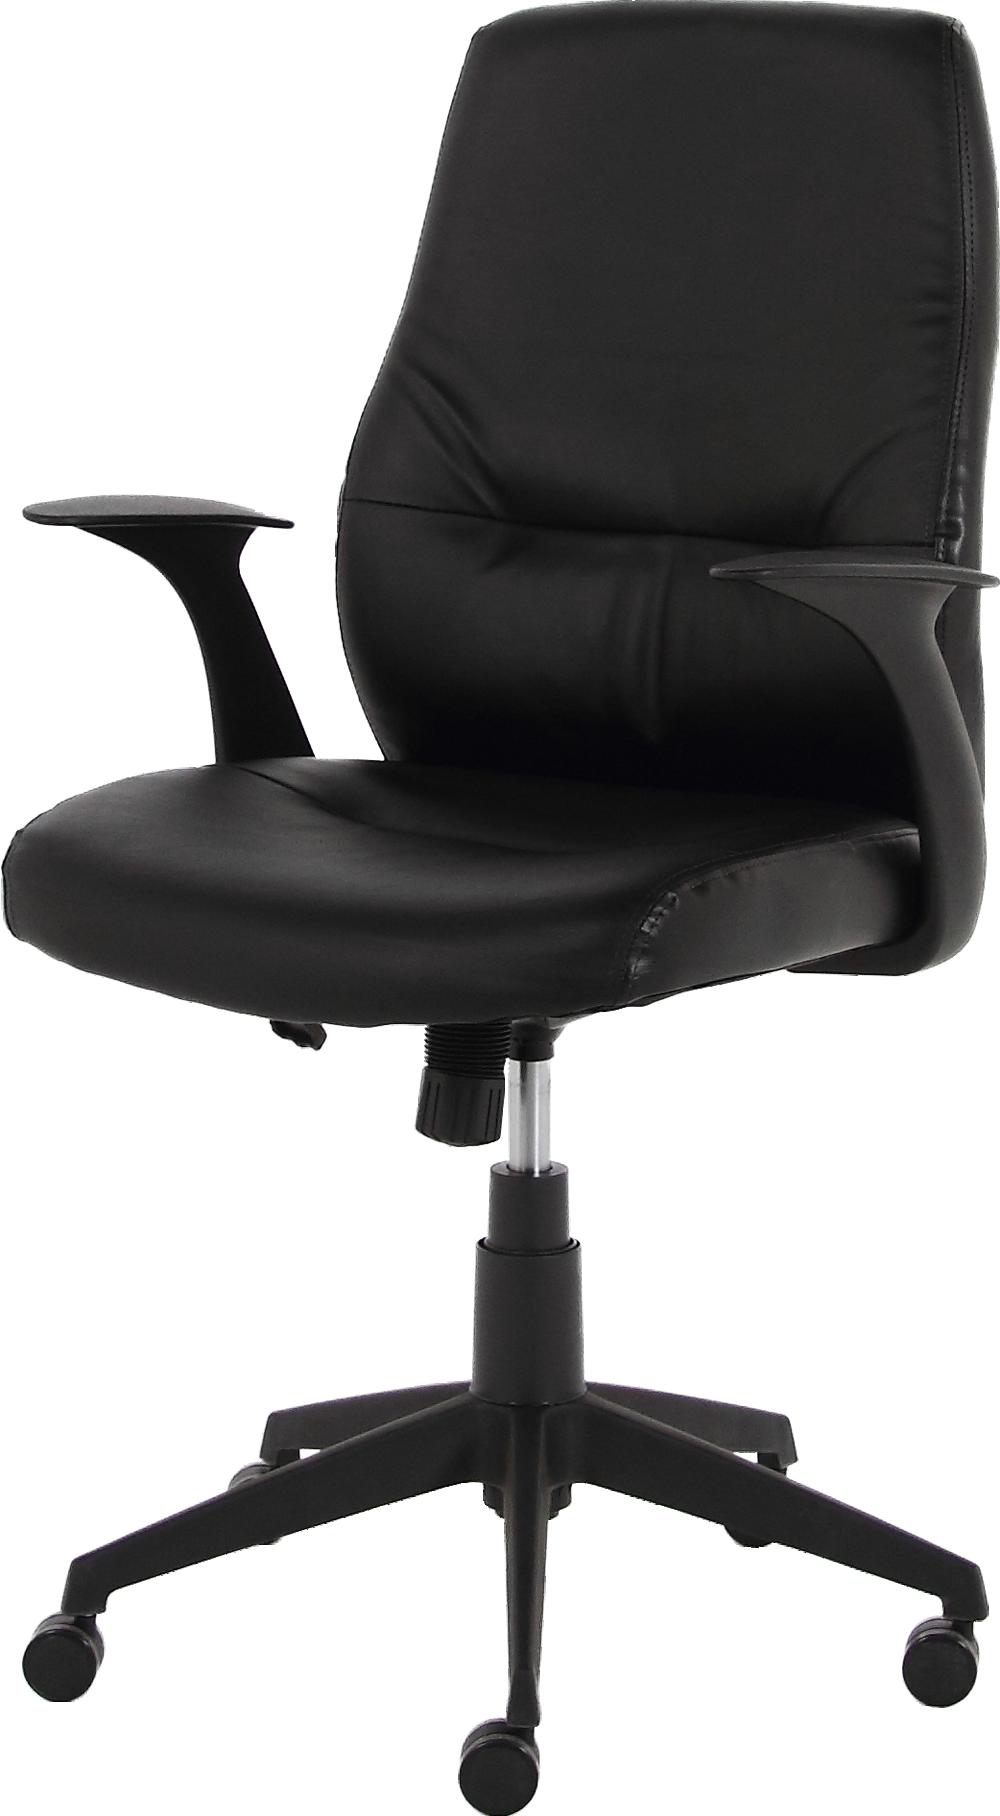 Ny kontorstol? Danbo Møbler har alt i kontorstole i en god kvalitet til gode priser